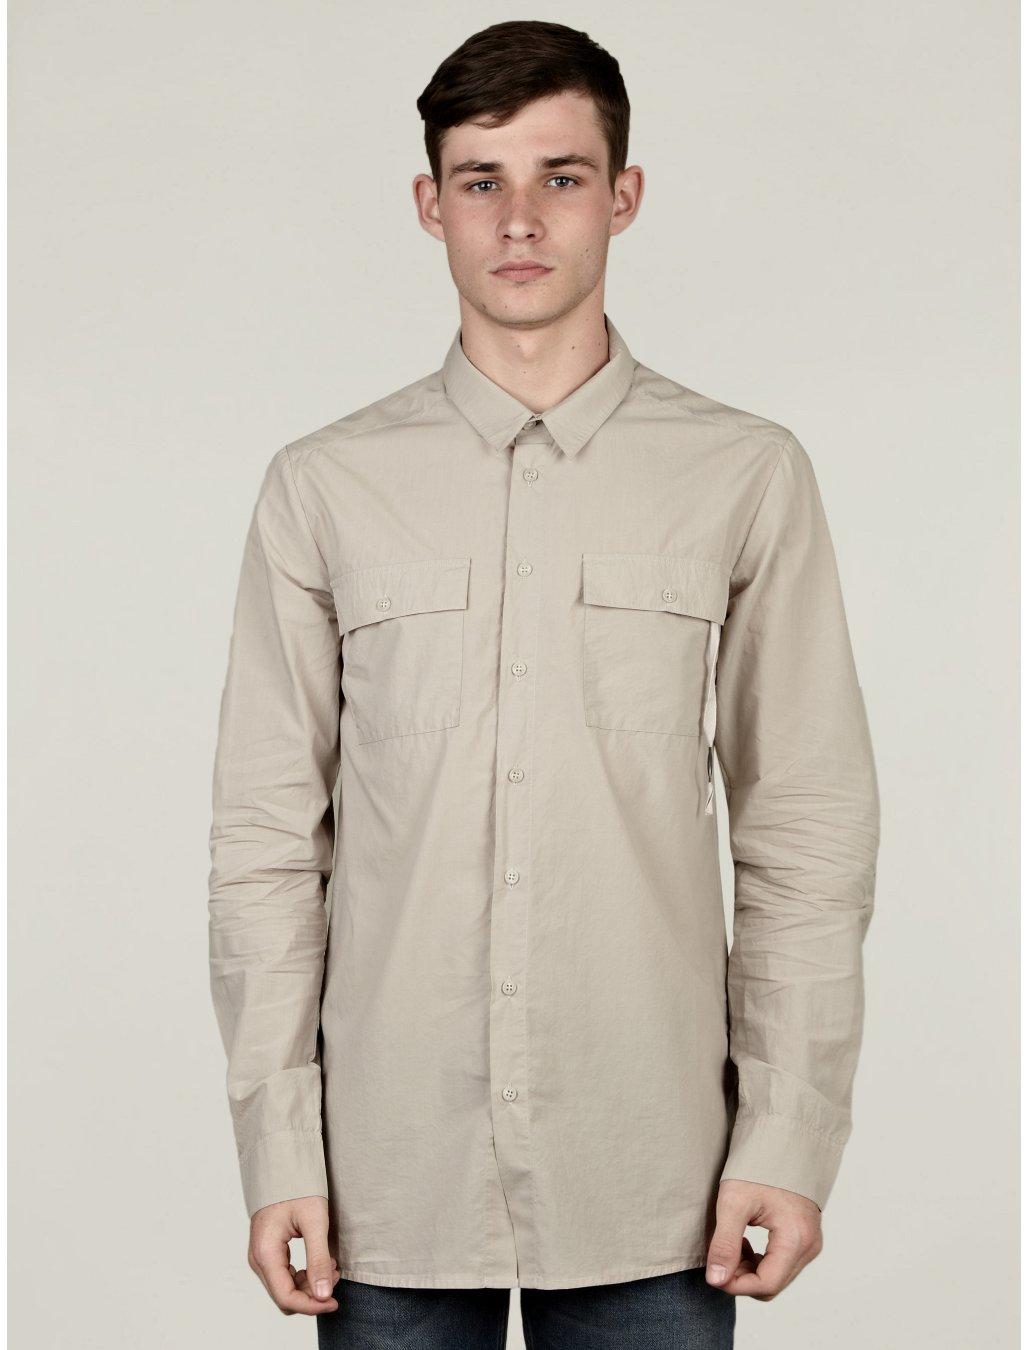 Mens Cream Shirt